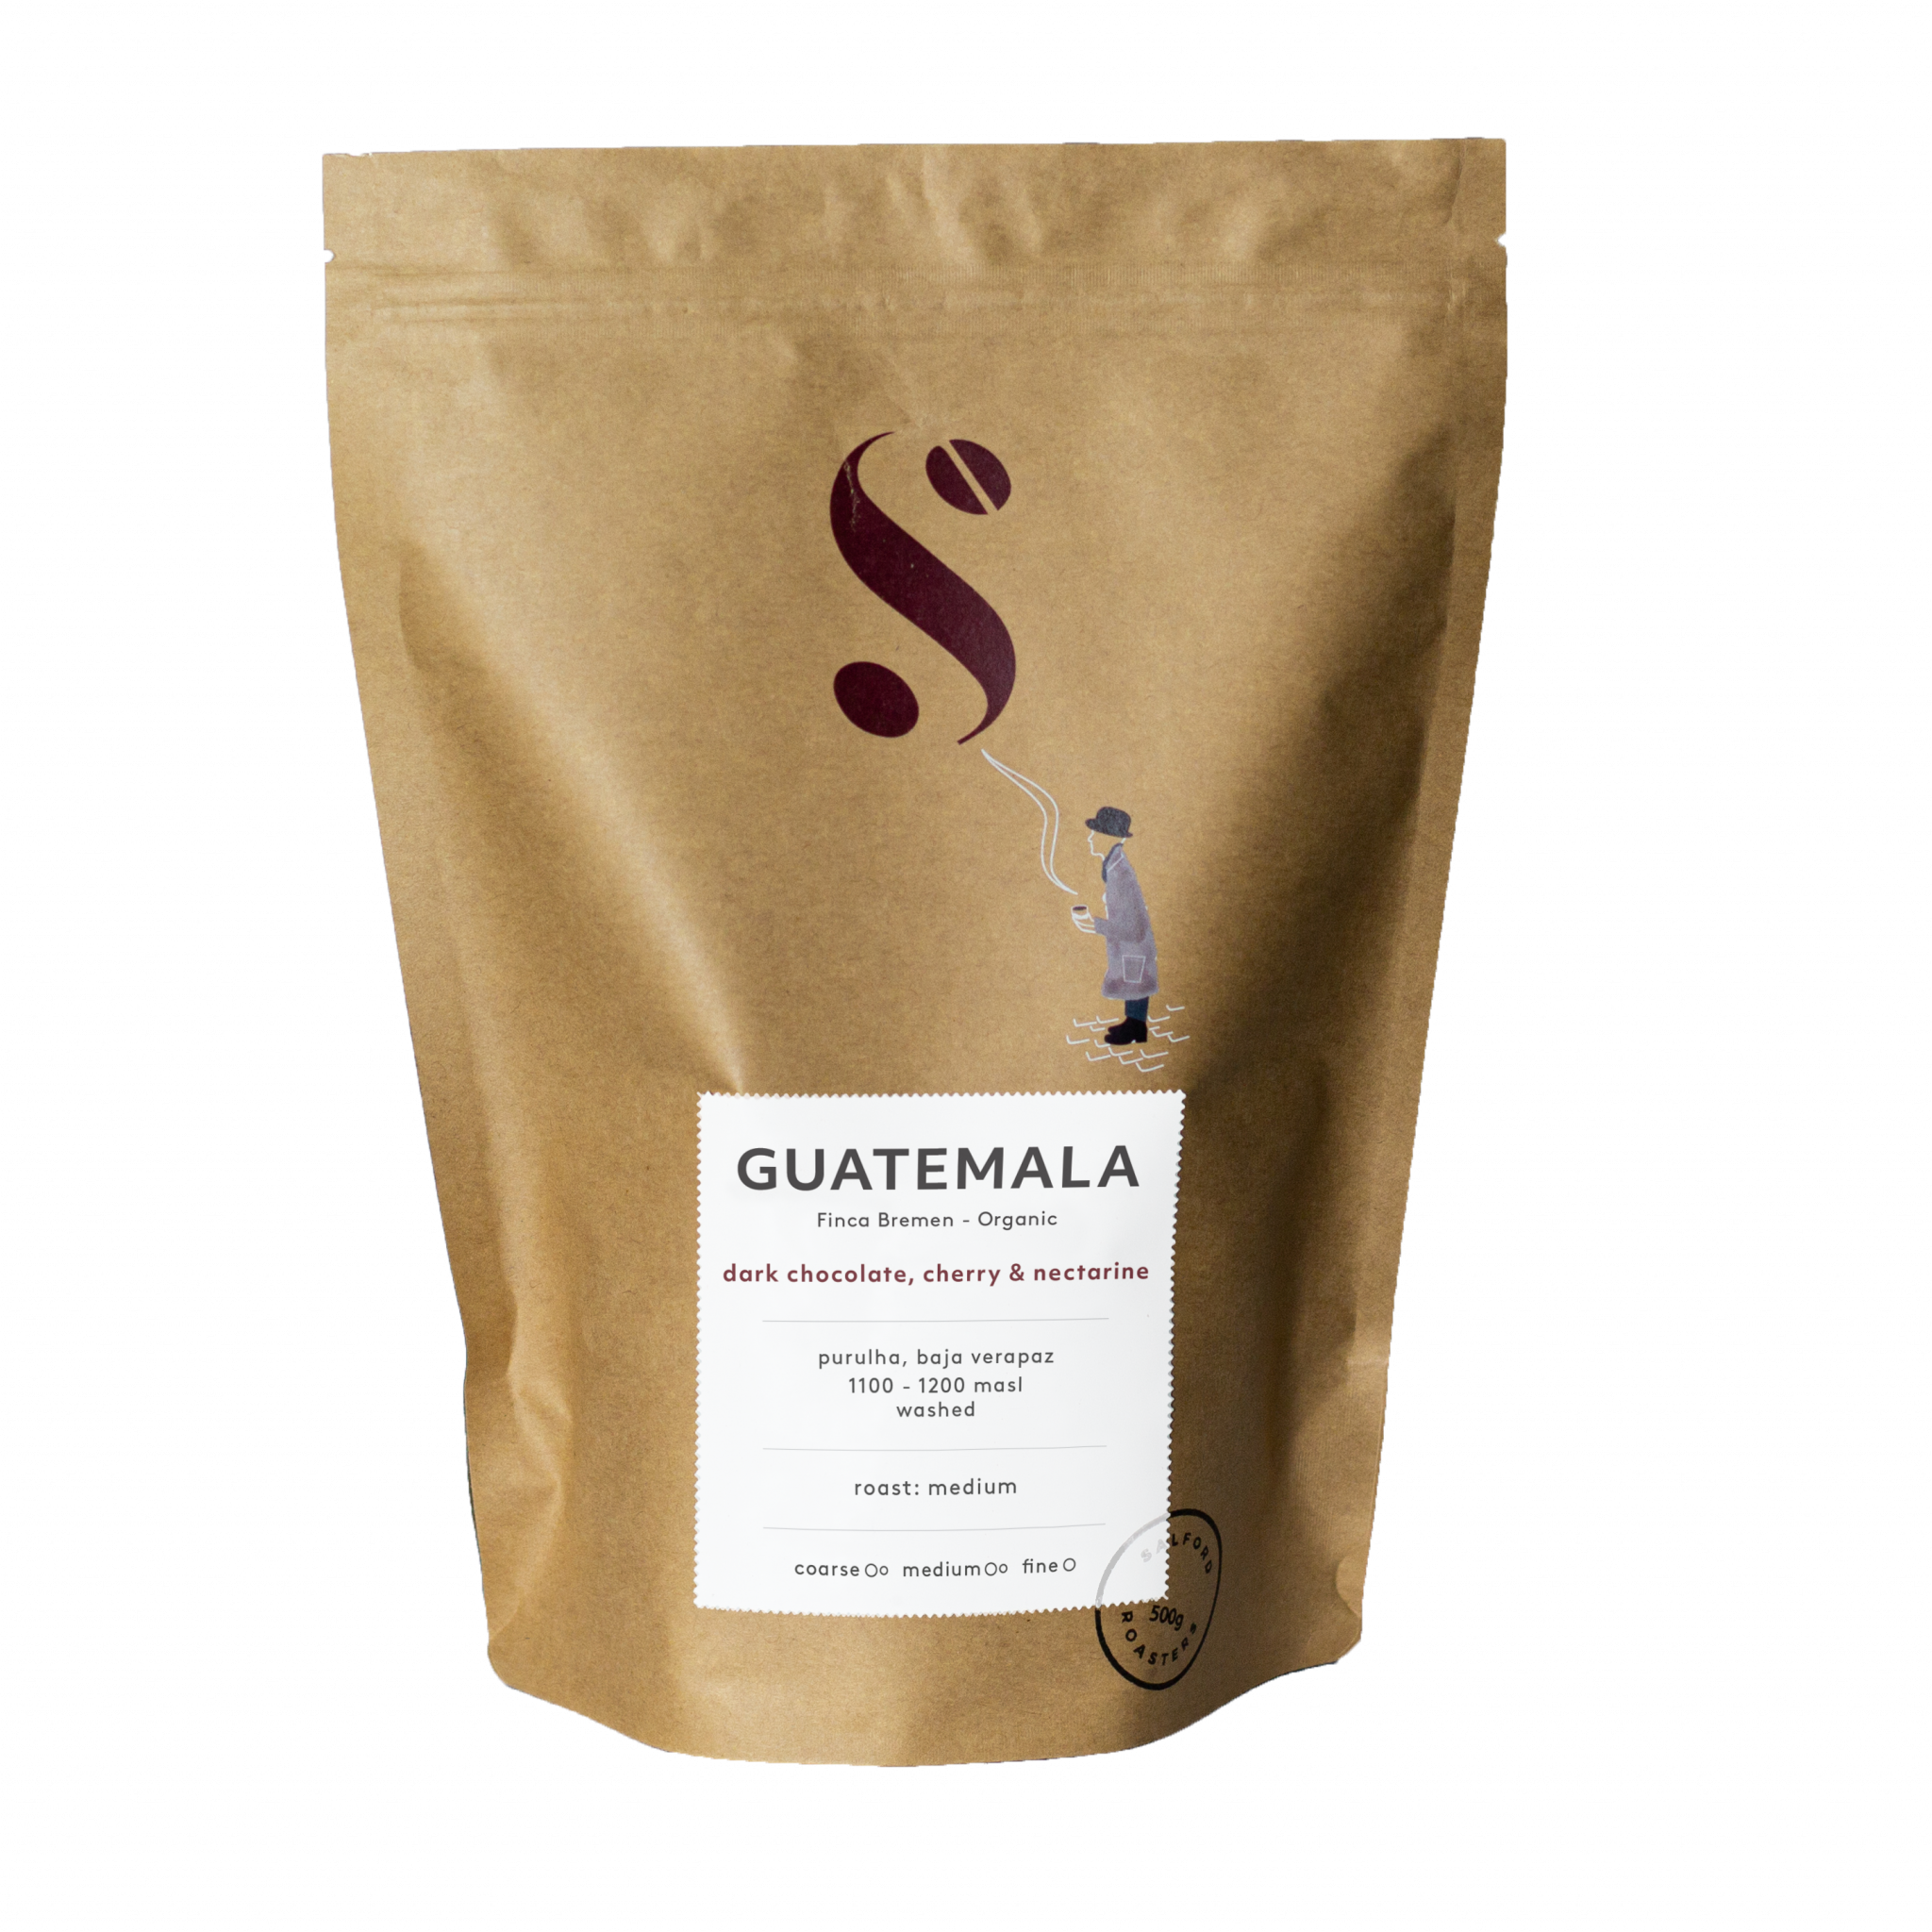 guatemala Coffee Salford